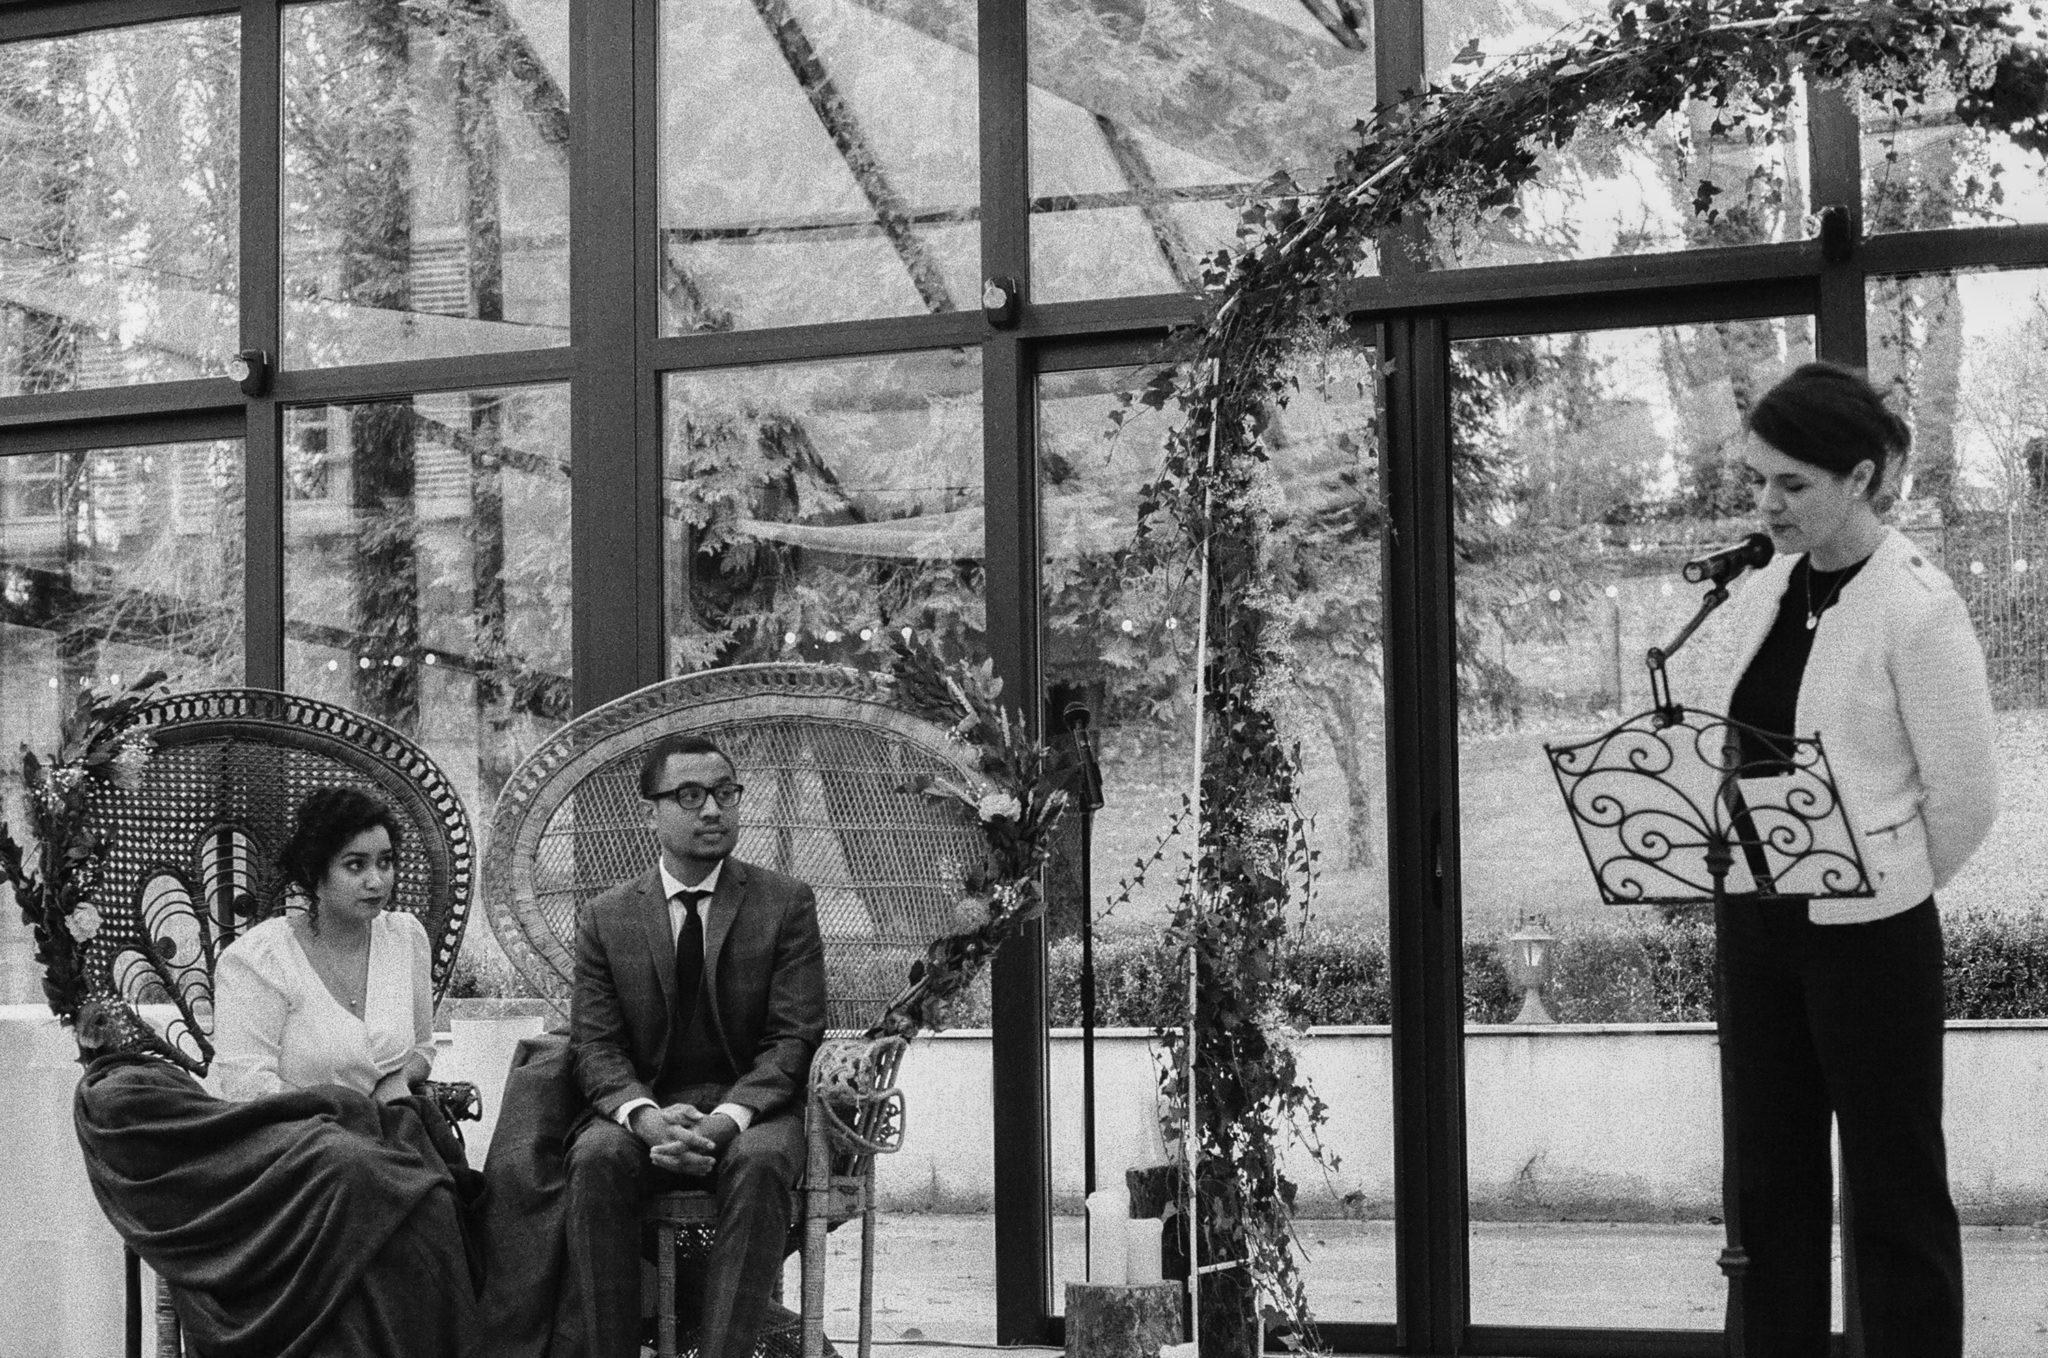 Cérémonie religieuse verrière Château de Naours mariage hiver Picardie Amiens